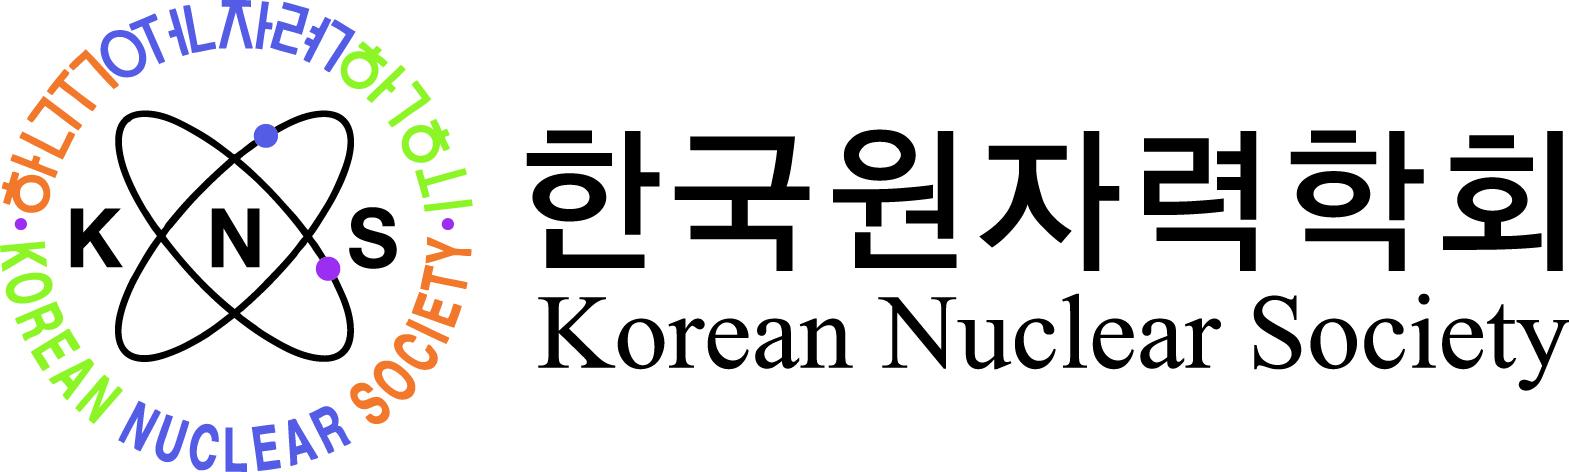 Korean Nuclear Society